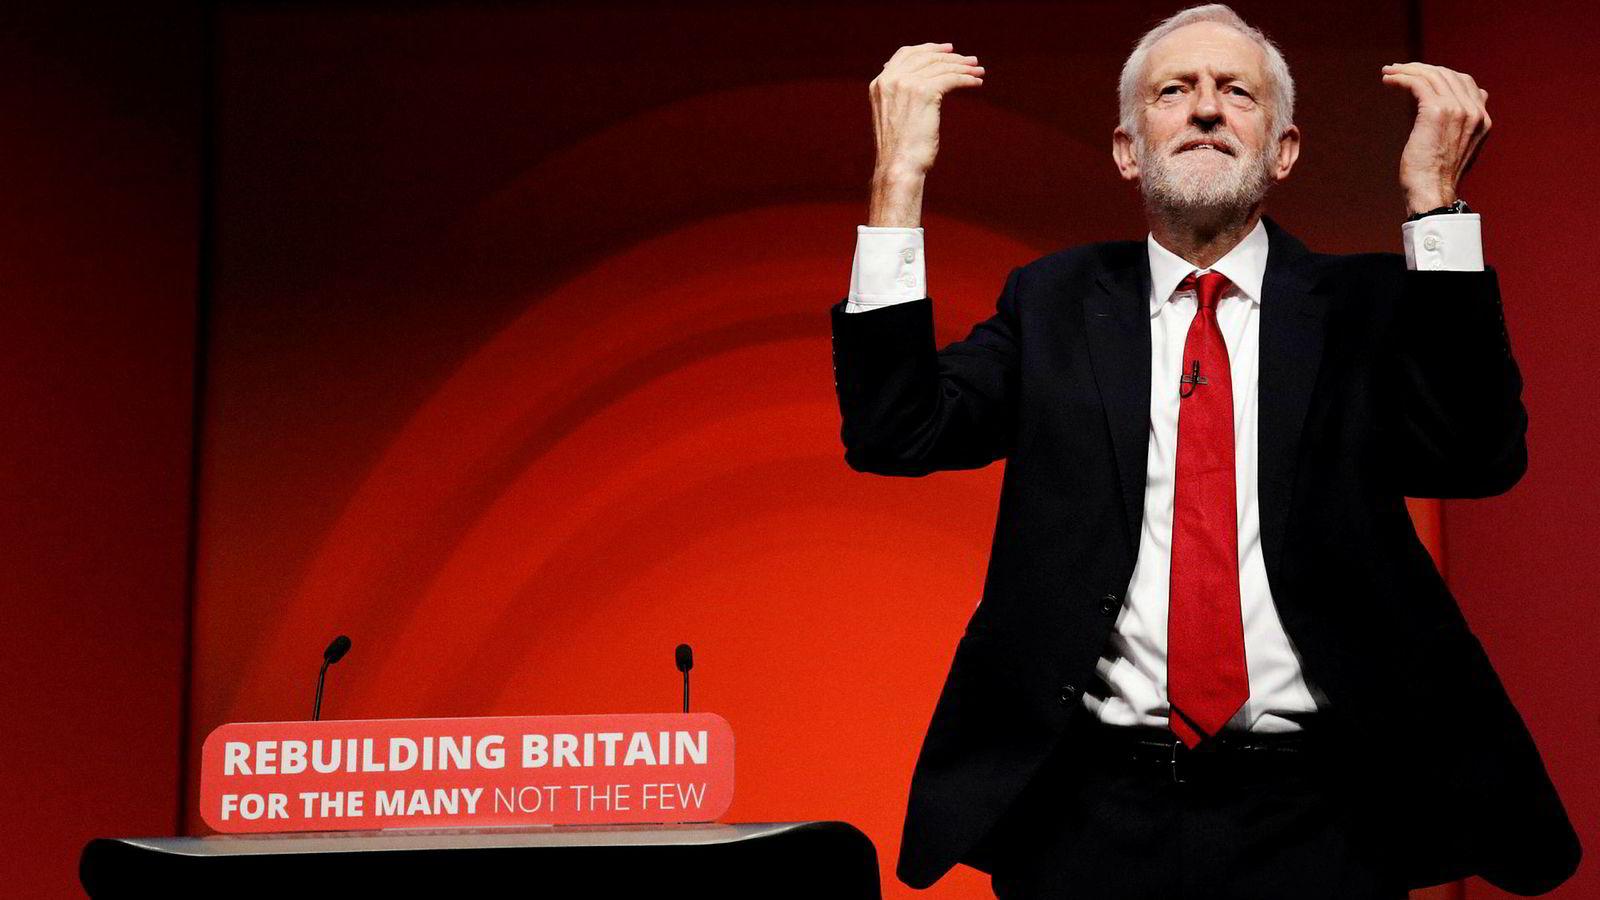 Det er politisk blandet drops i erklæringen som av tilhengerne beskrives som «konstruktiv uklarhet», en ledende konservativ politiker kaller «brev til julenissen», og opposisjonsleder Jeremy Corbyn (bildet) torsdag beskrev som «brexit i blinde».